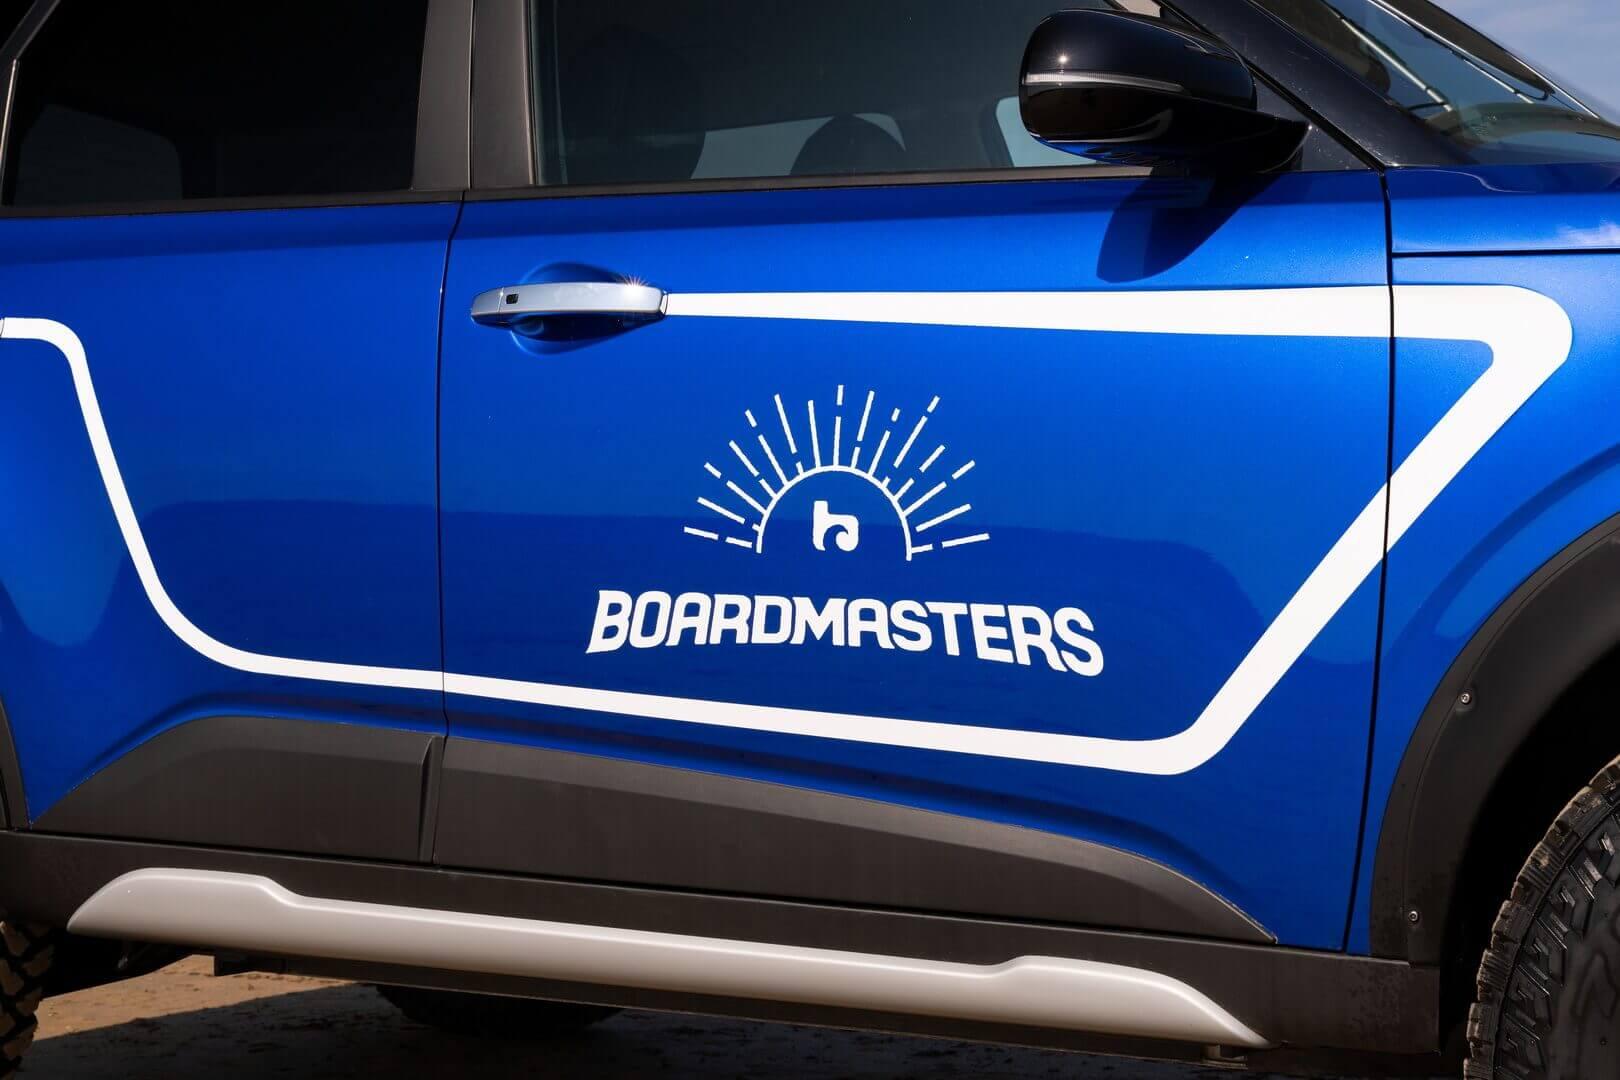 Уникальный электромобиль для выставки Boardmasters 2021